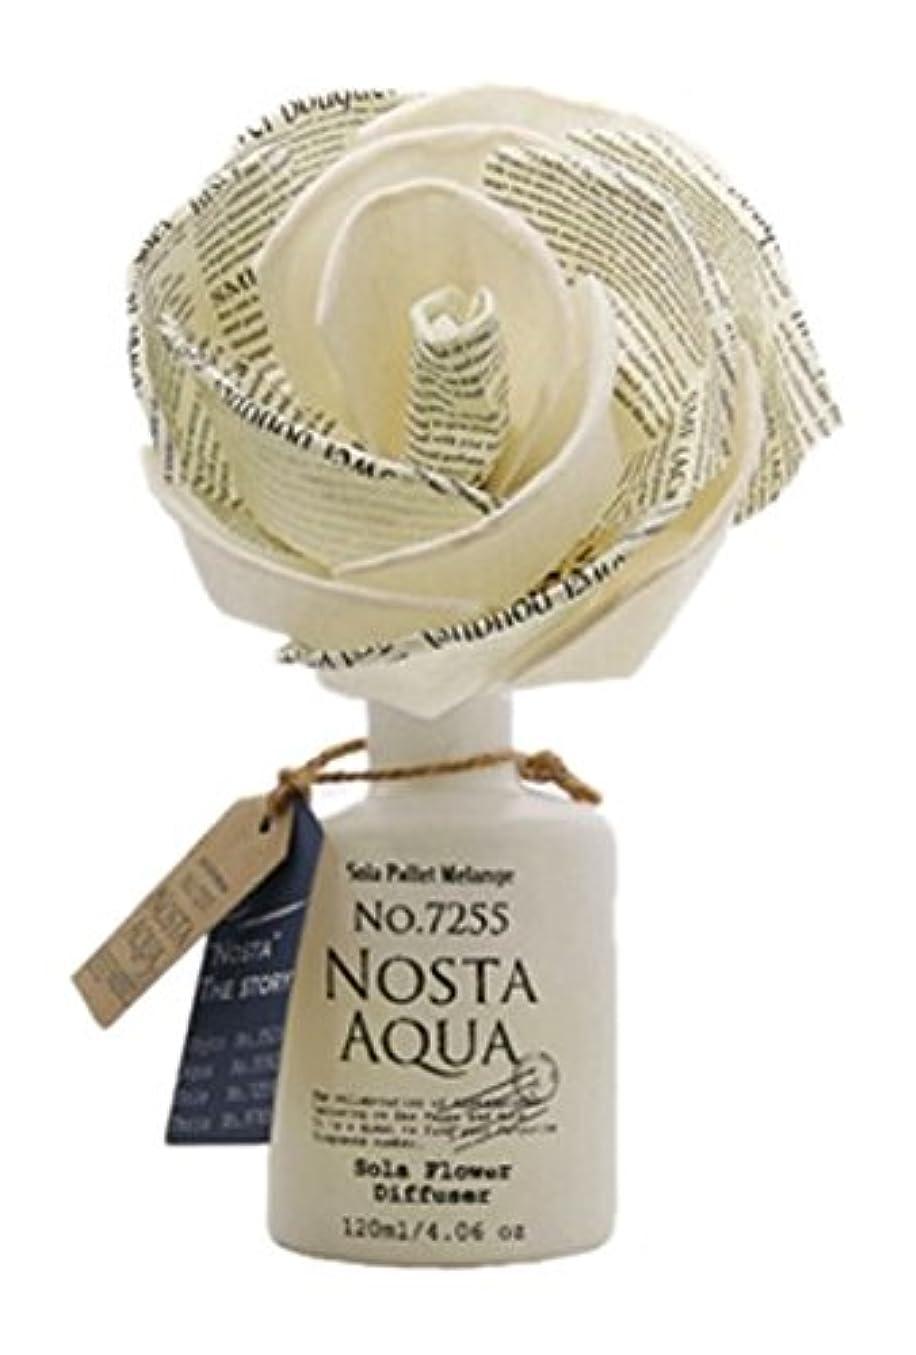 インチブラウズ悩みNosta ノスタ Solaflower Diffuser ソラフラワーディフューザー Aqua アクア/生命の起源